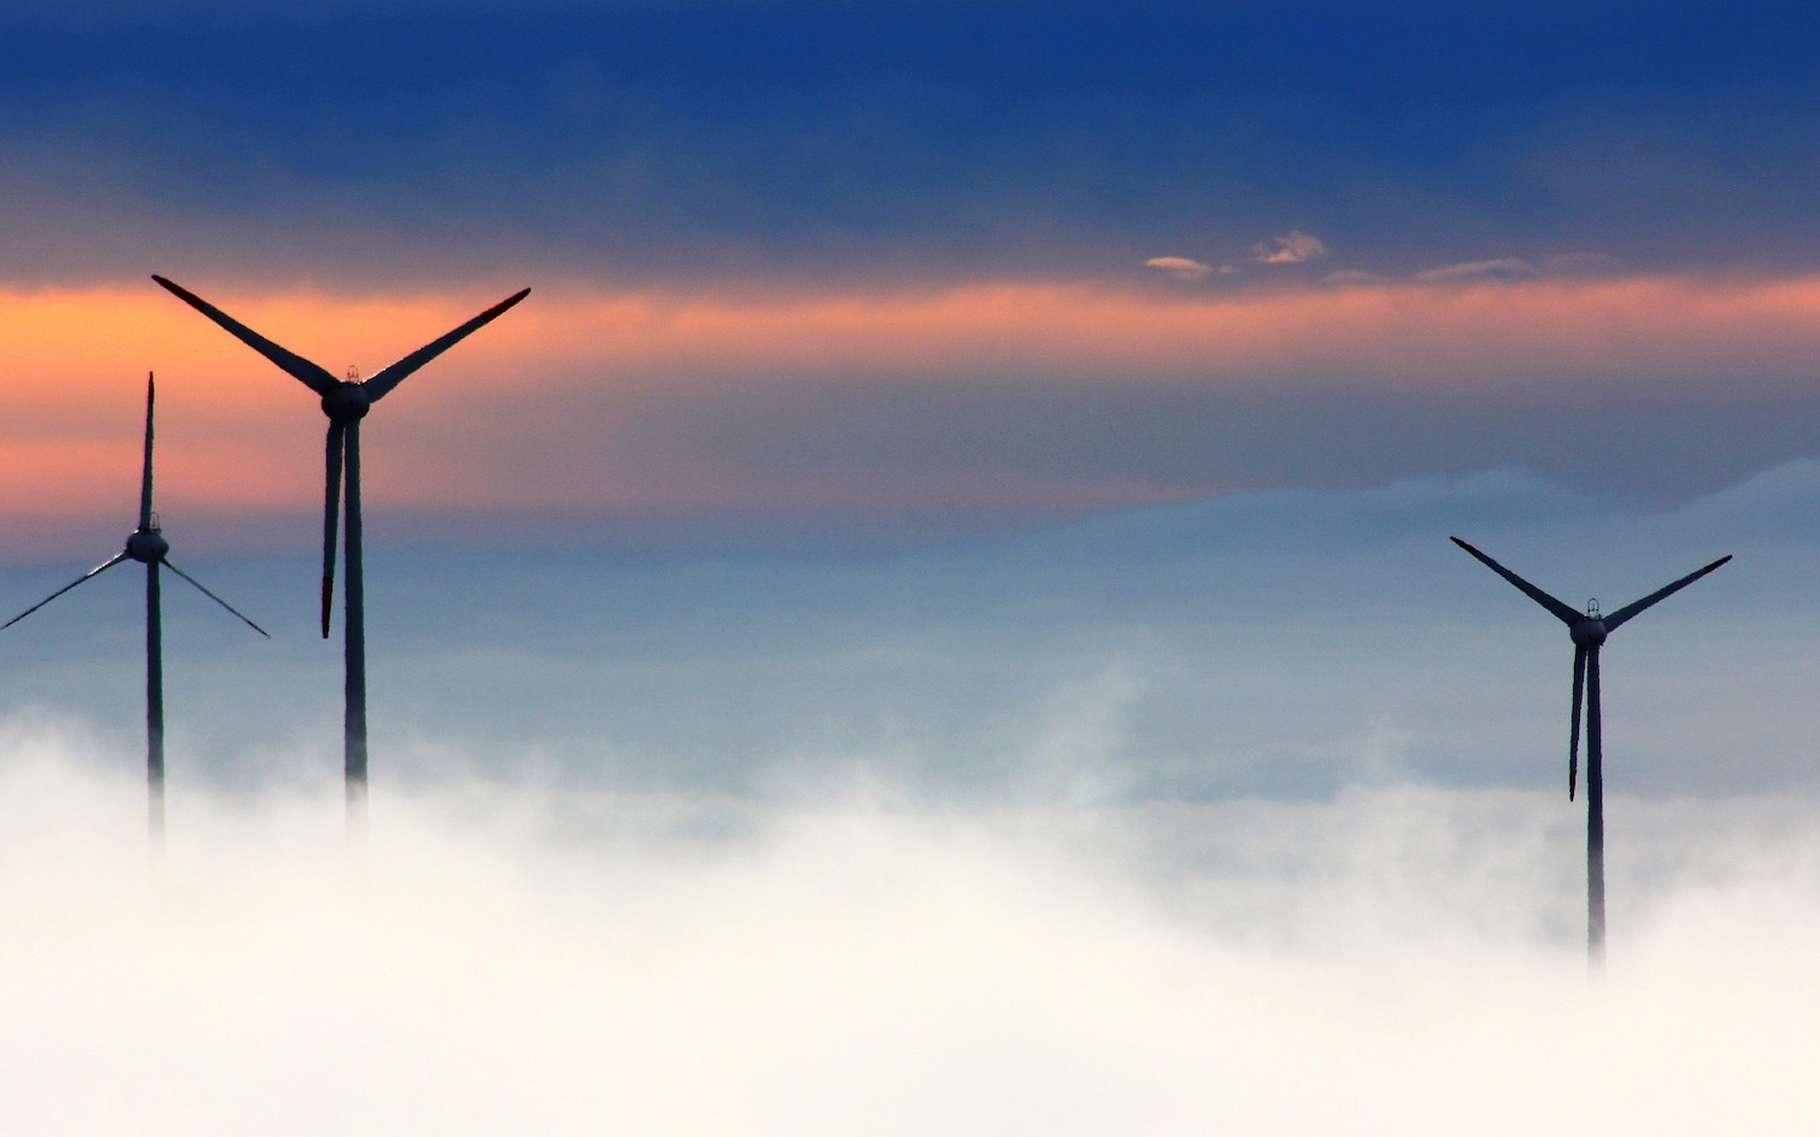 Une éolienne, c'est une dizaine de tonnes de matériaux composites par mégawatt, soit 8 % du poids total (hors fondations). © Oimheidi, Pixabay, CC0 Creative Commons